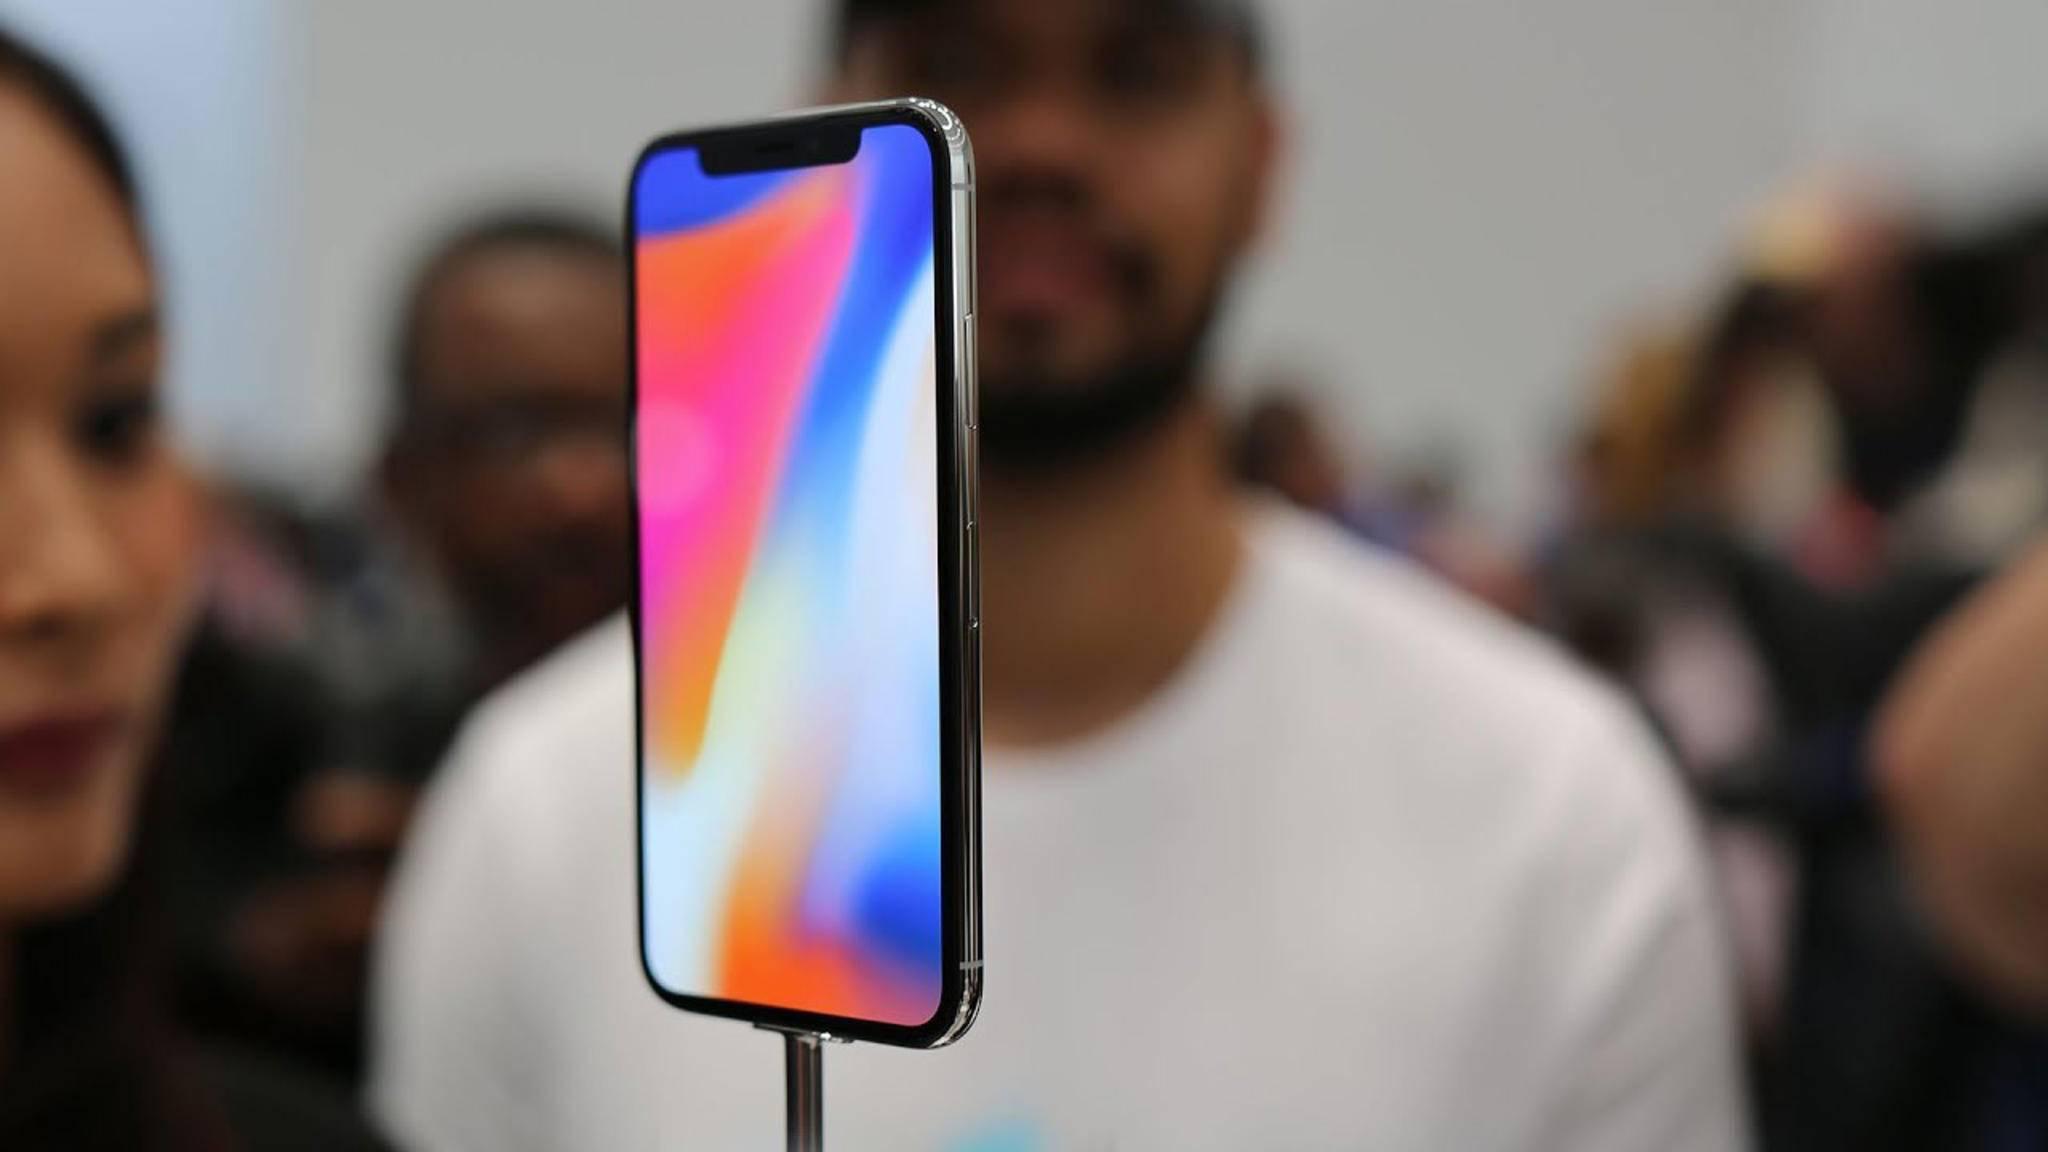 Wie lange hat Apple wohl am iPhone X gearbeitet? Das hat Chef-Designer Jony Ive jetzt verraten.